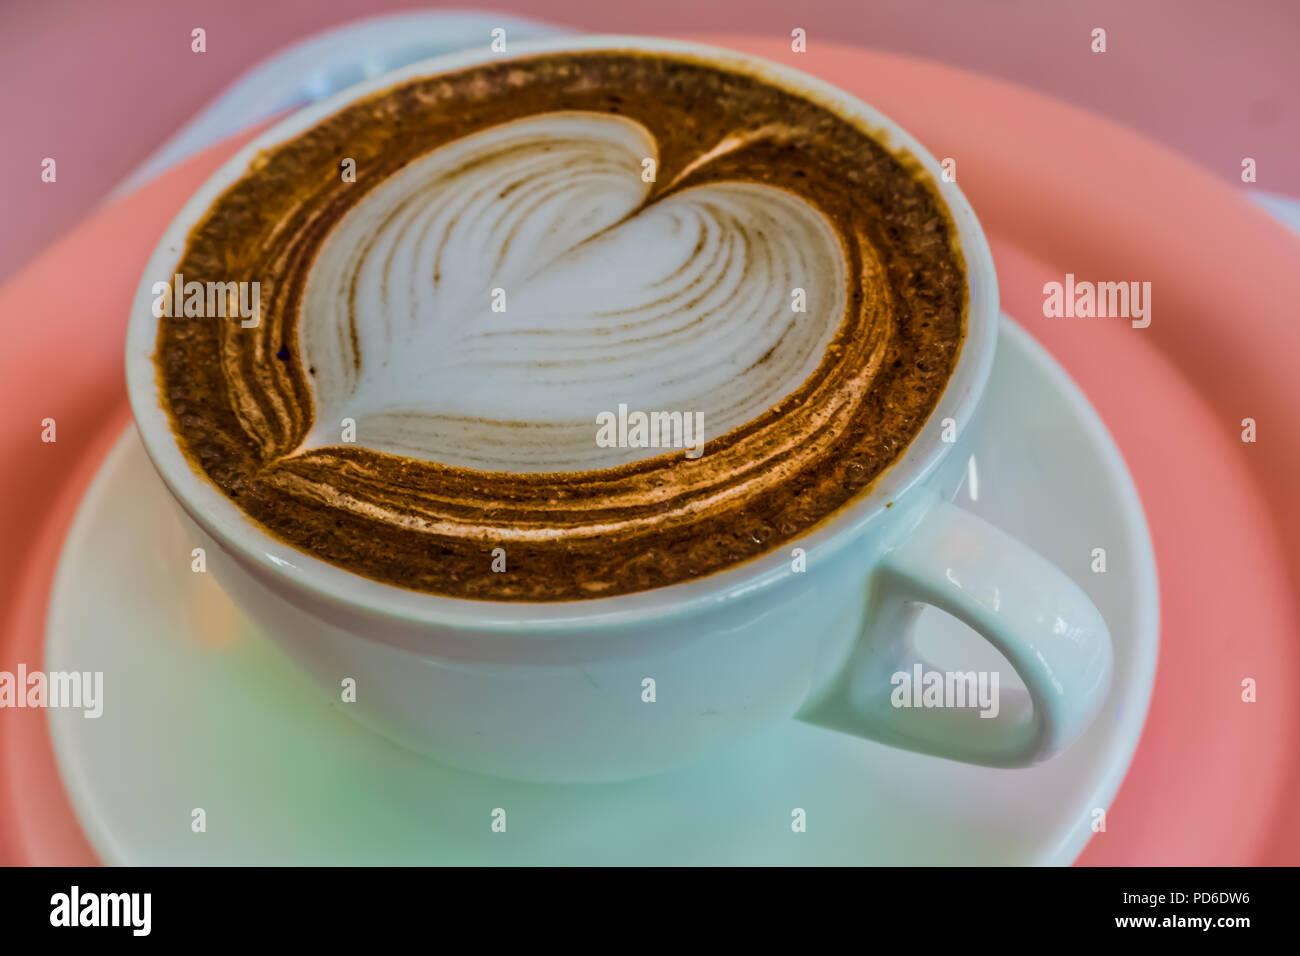 Tazza di caffè, cioccolato topping con cuore di colore bianco sulla parte superiore. Immagini Stock